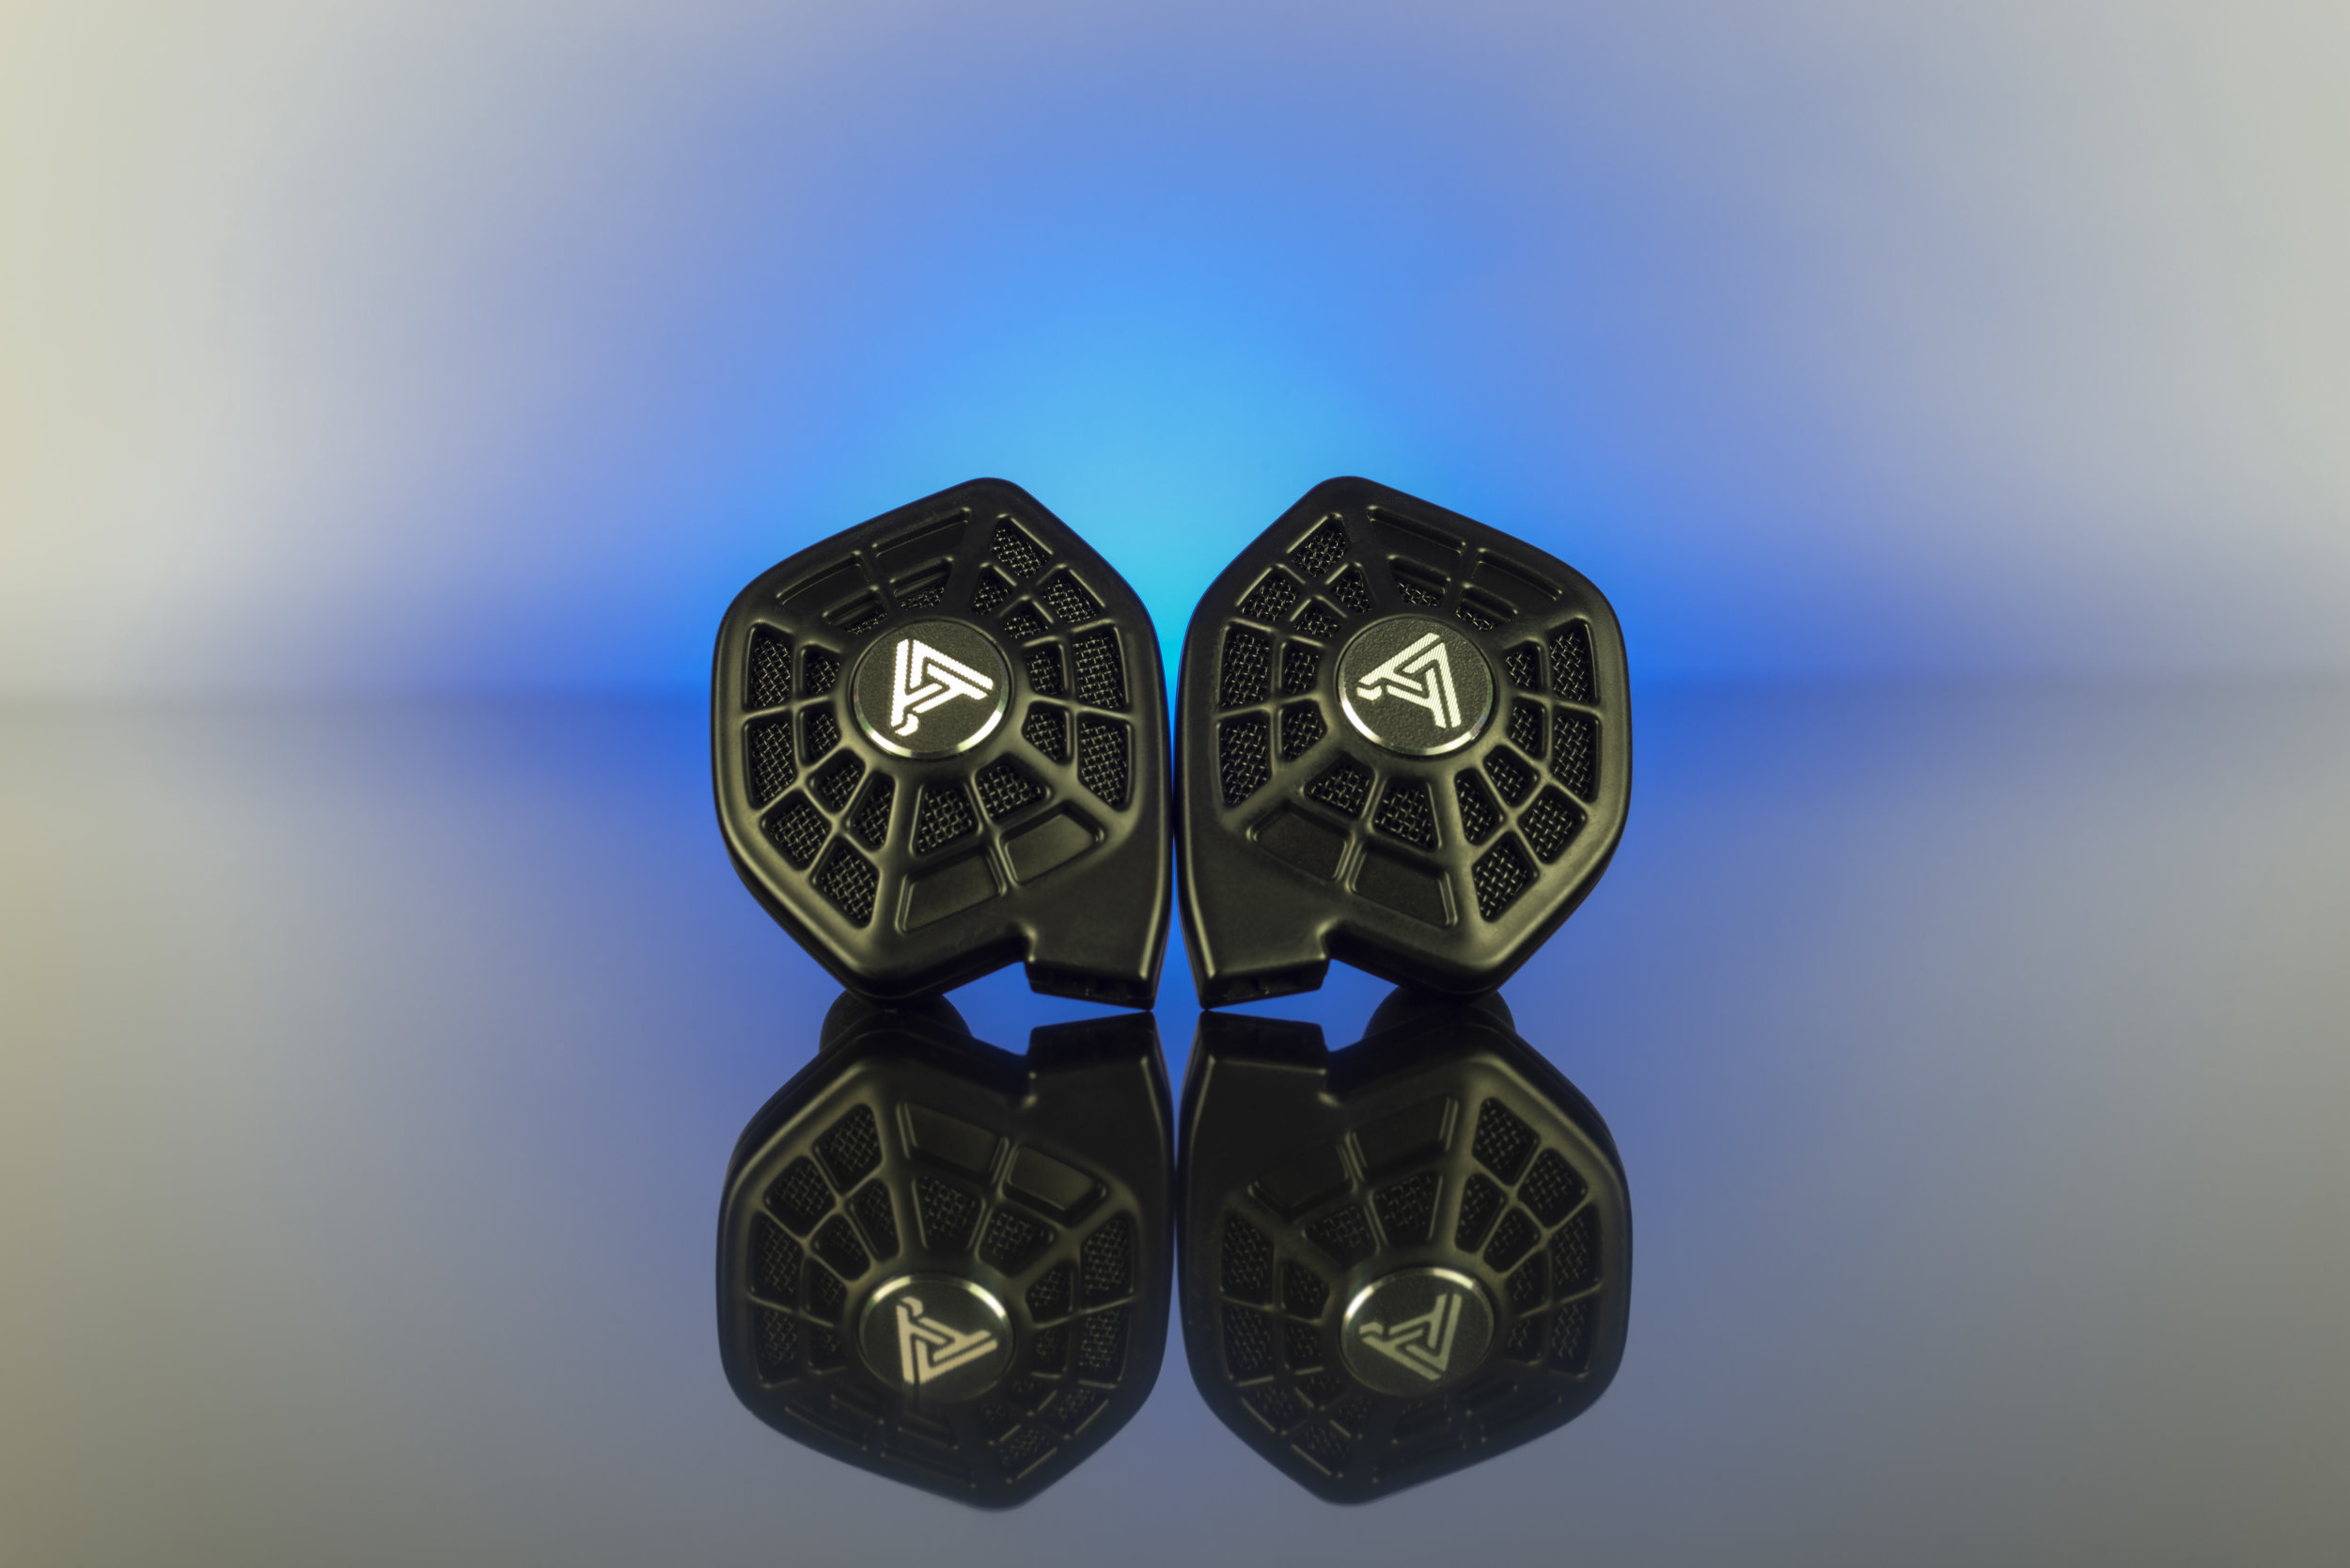 ISINE 10 I N-EAR PLANAR MAGNETIC HEADPHONES